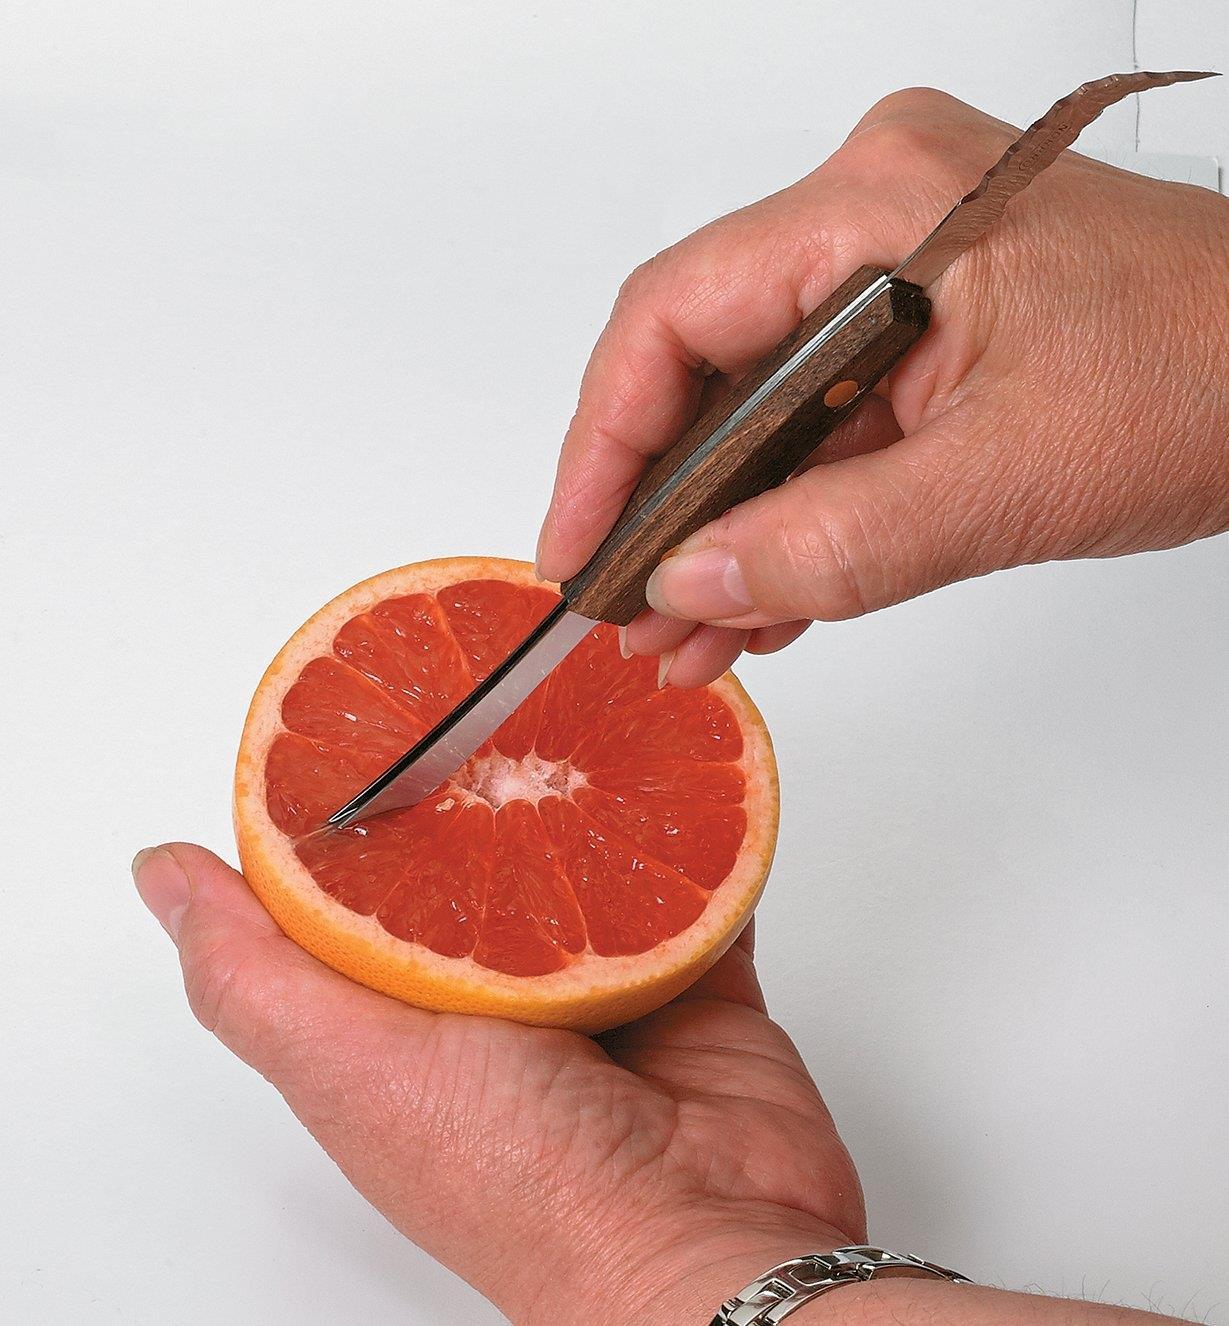 EM608 - Grapefruit Knife